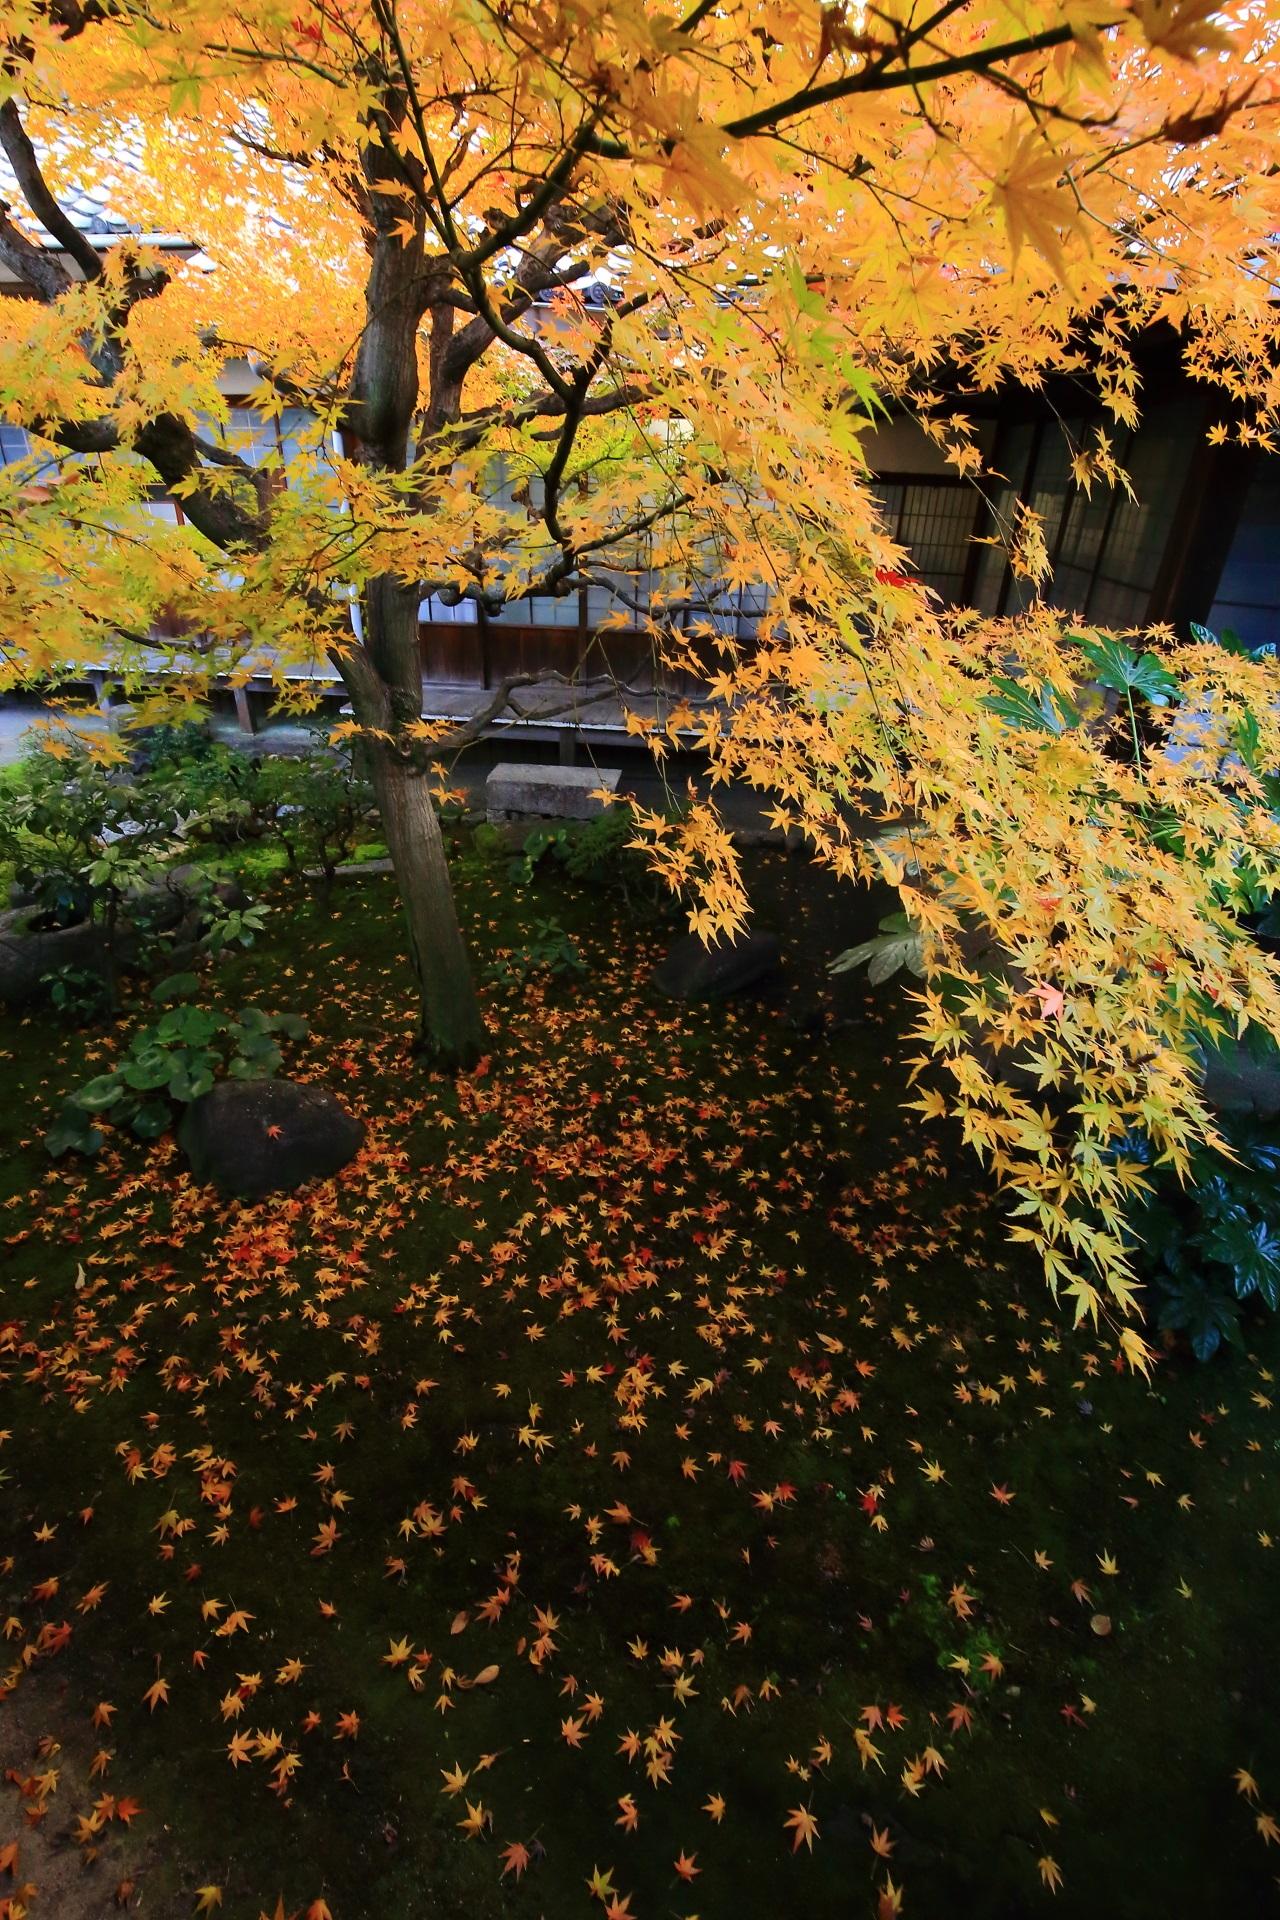 華やかで見事な紅葉と散り紅葉に染まる秋の本法寺